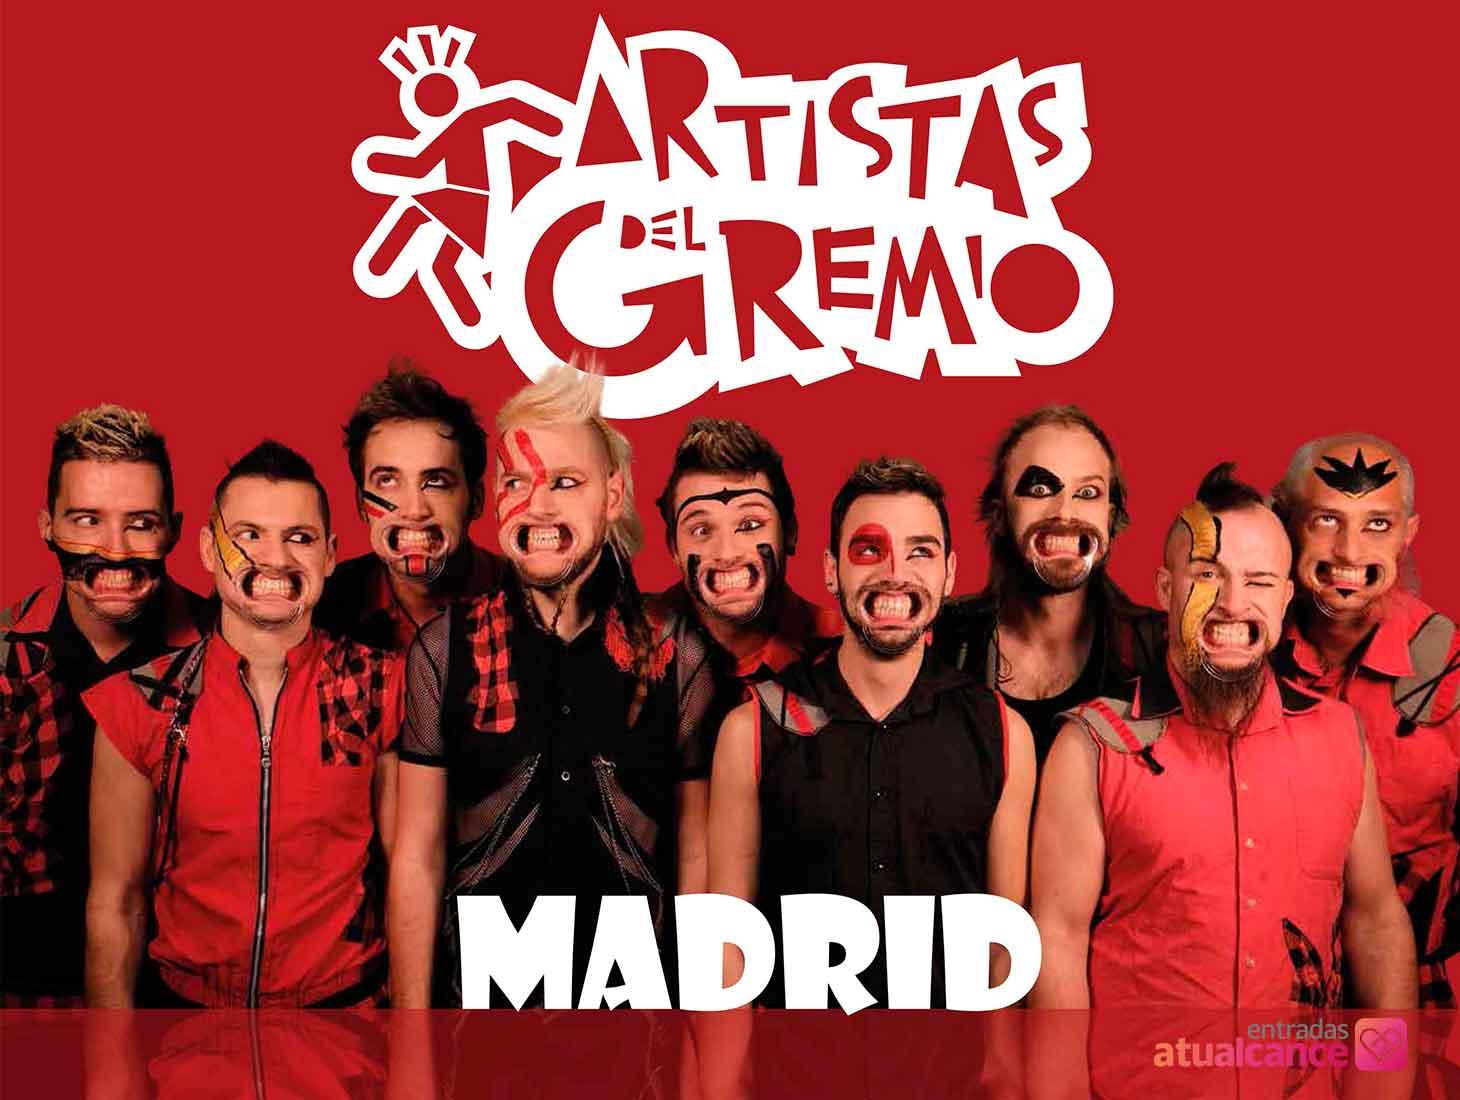 artistas-del-gremio-gps-madrid-5e1c668385237.jpeg